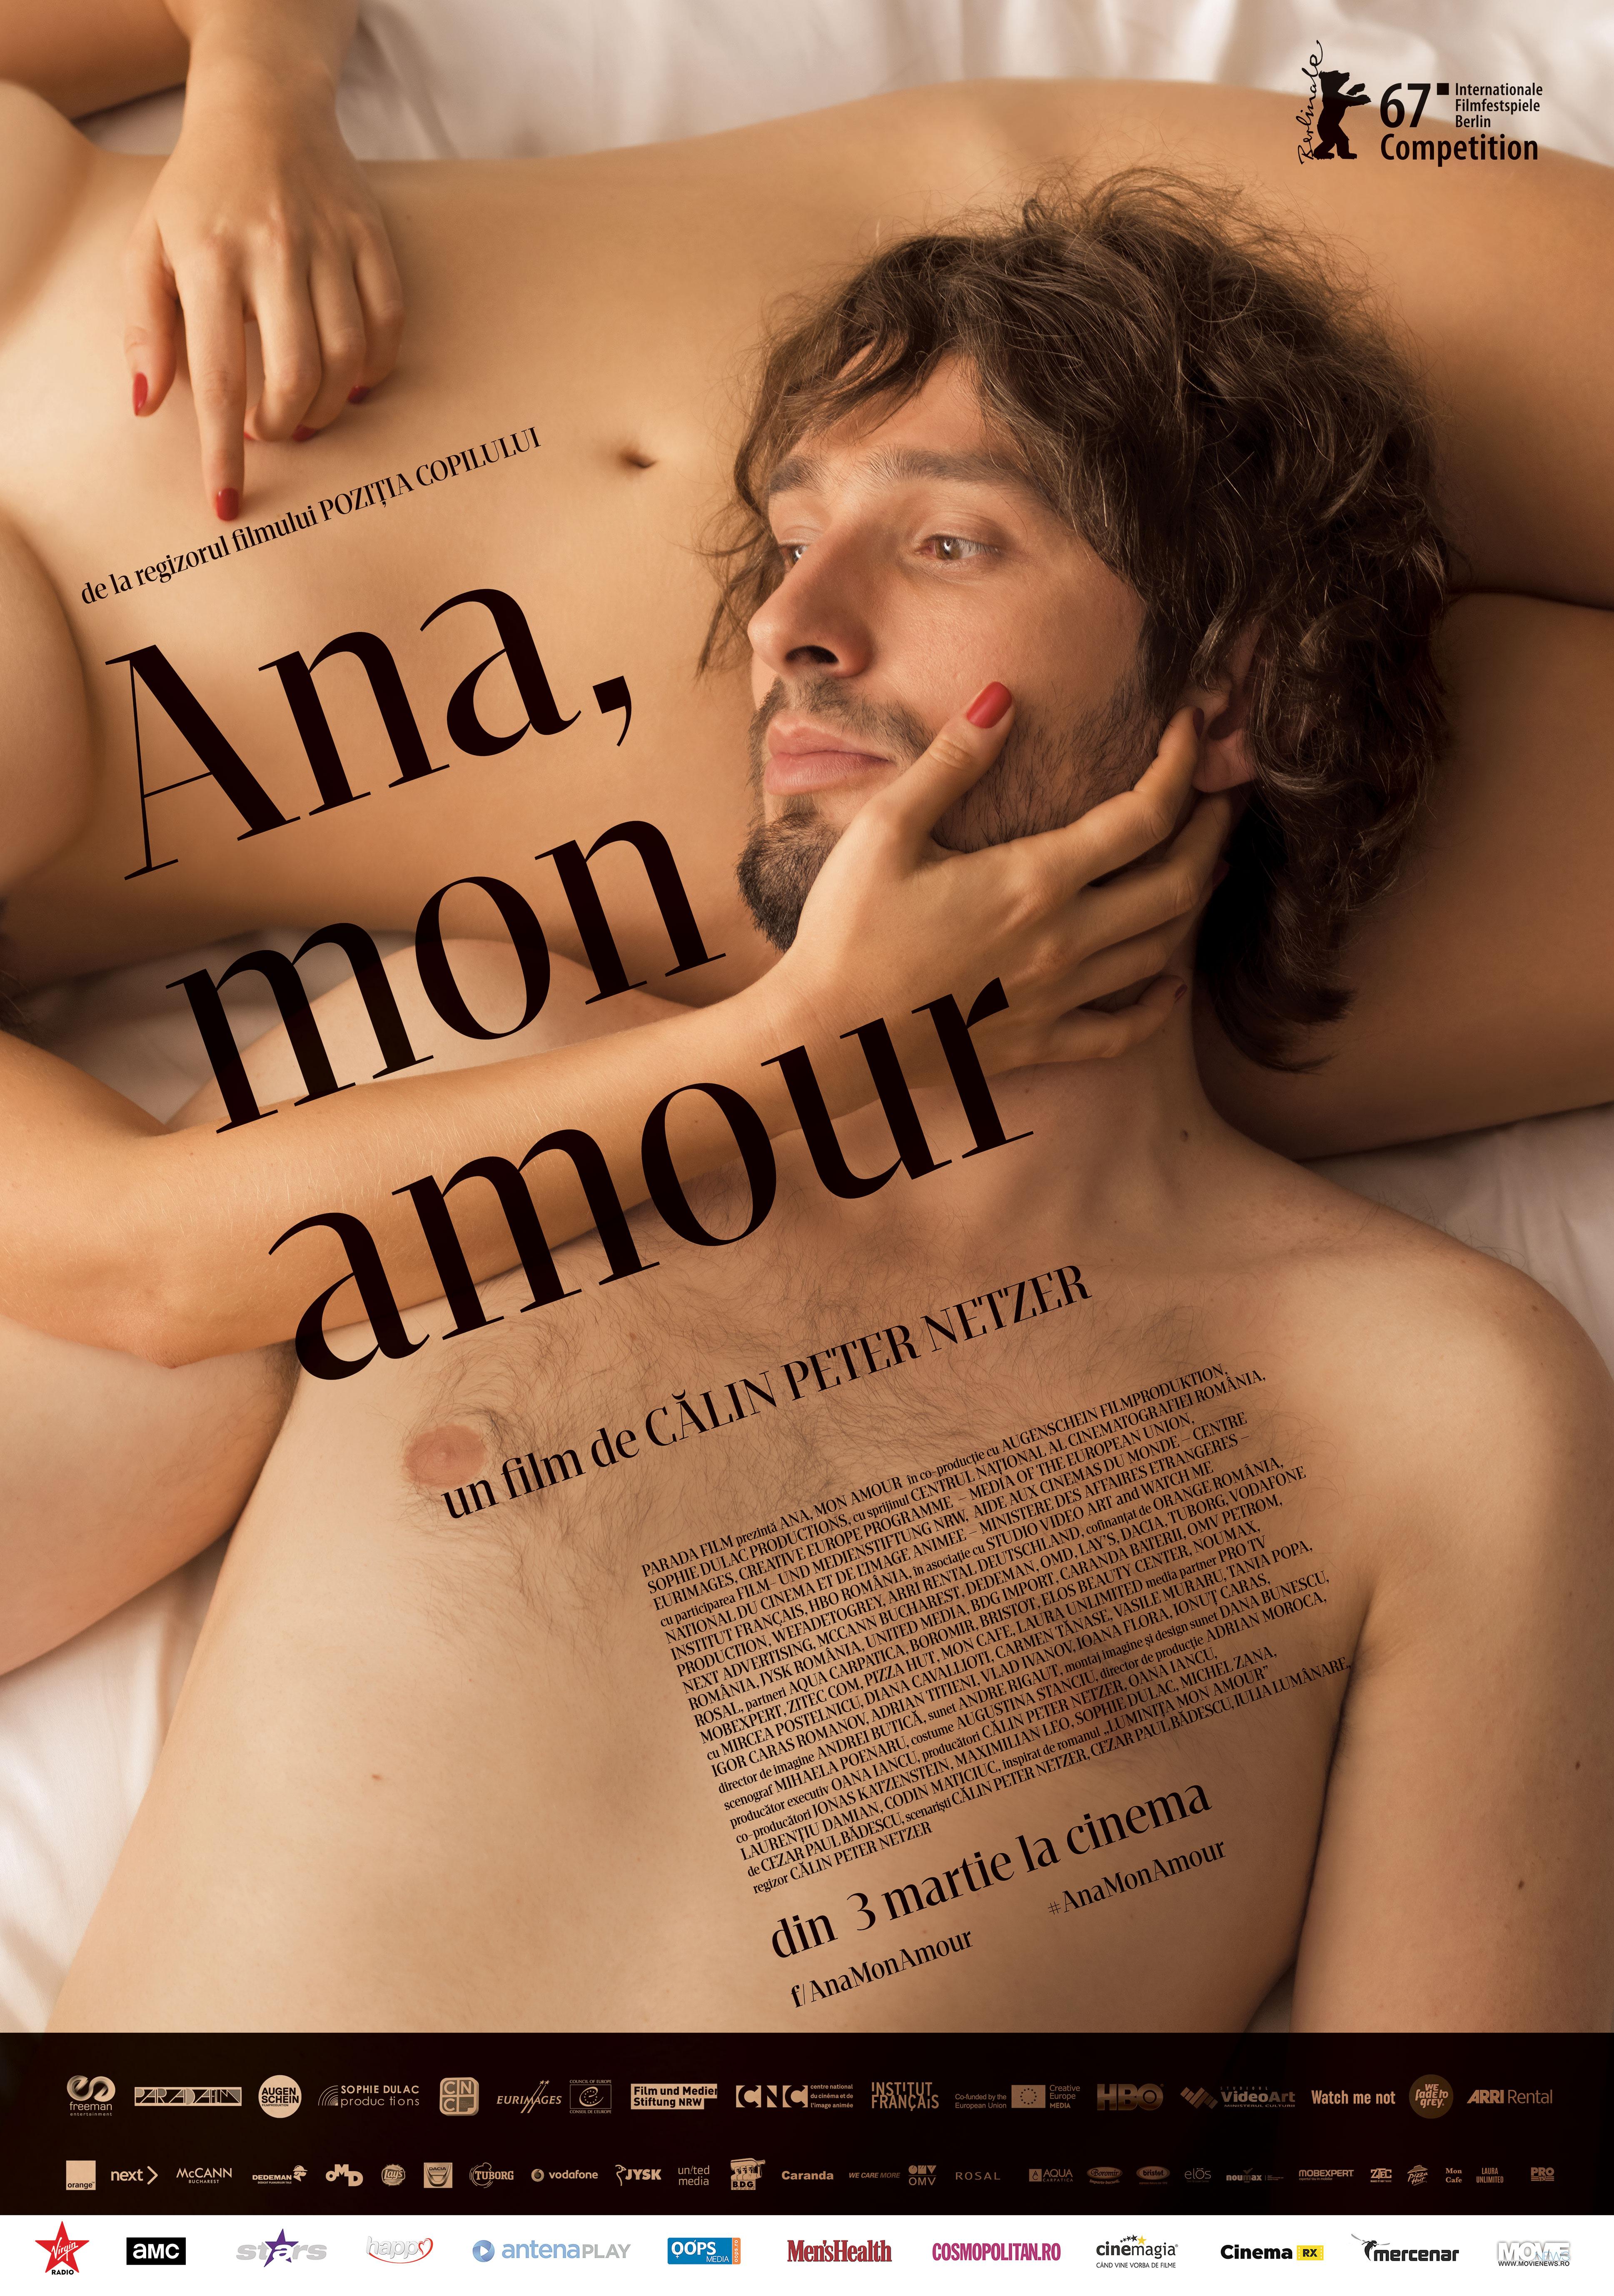 """Filmul ,,Ana, mon amour"""" a castigat Ursul de Argint pentru ,,Contributie Artistica Deosebita in Cinematografie"""", in cadrul celei de-a 67-a editii a Festivalului International de Film de la Berlin"""